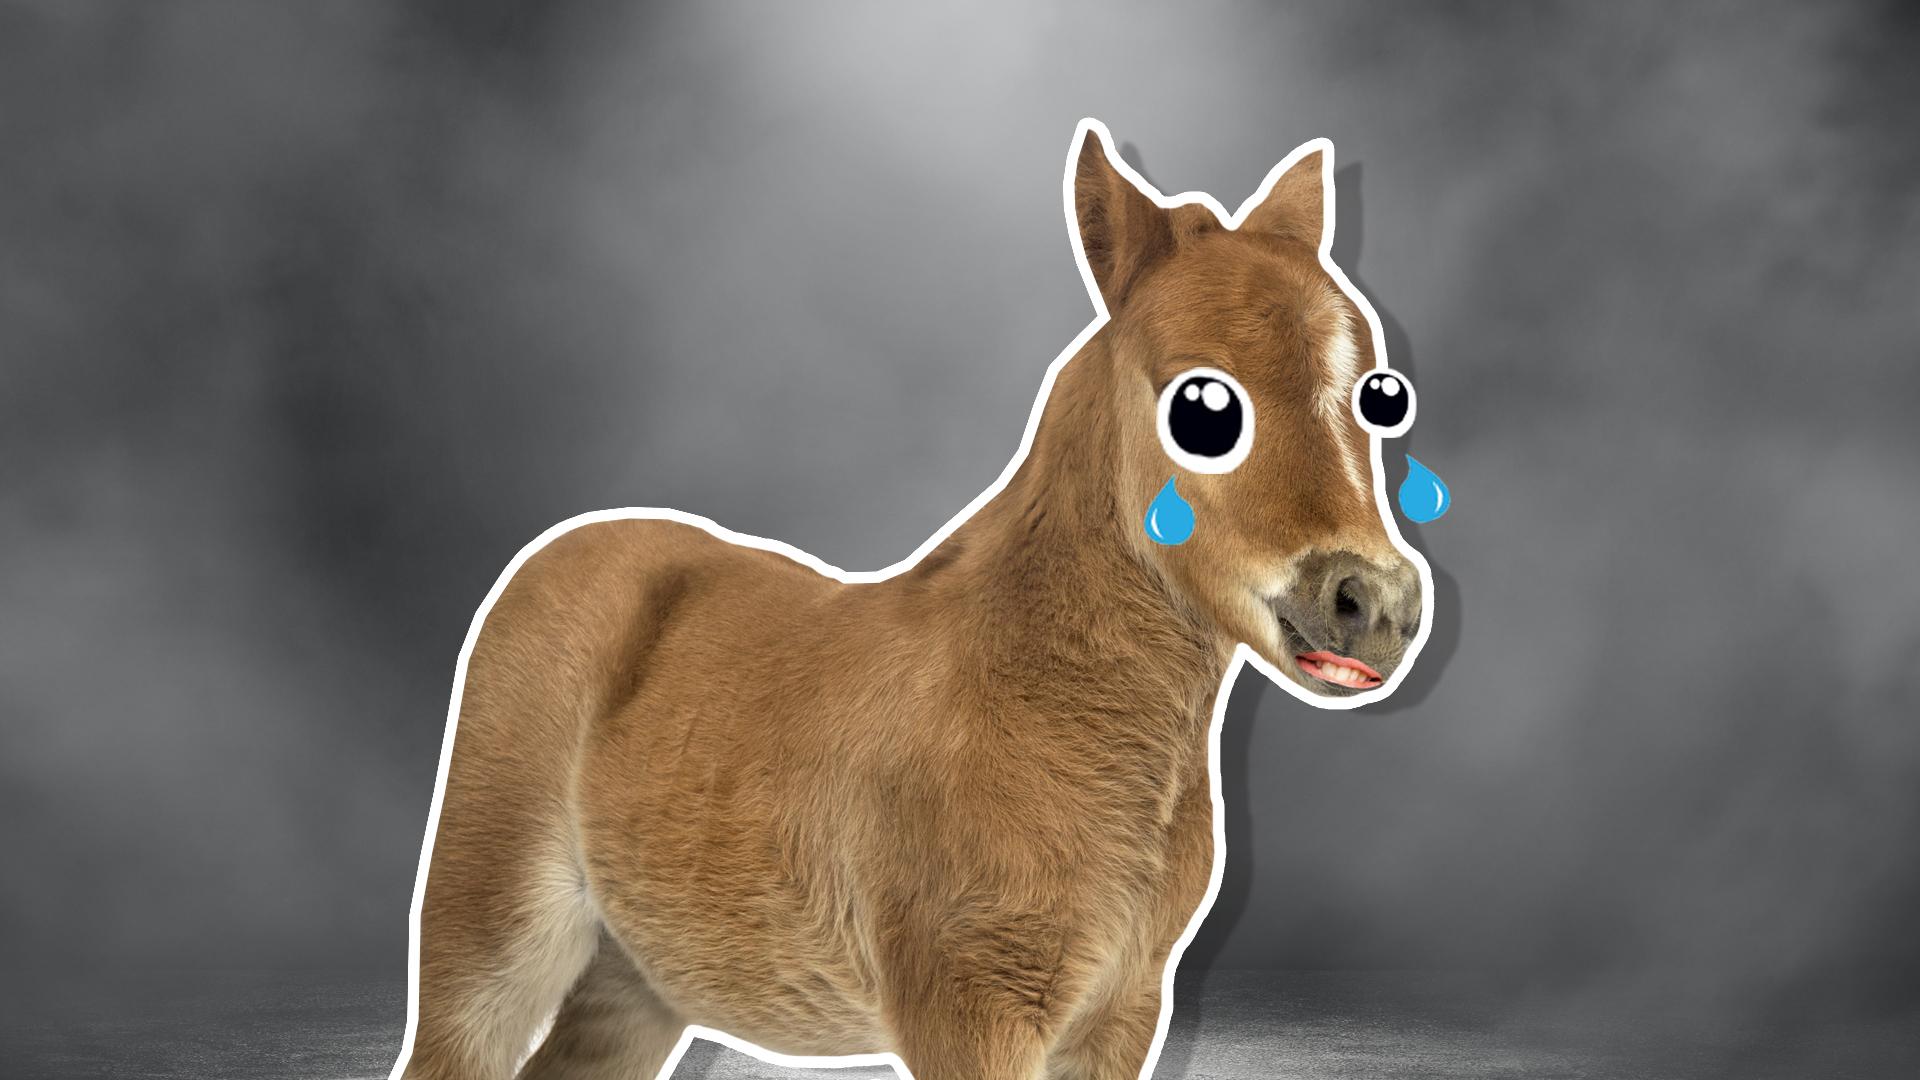 A sad pony